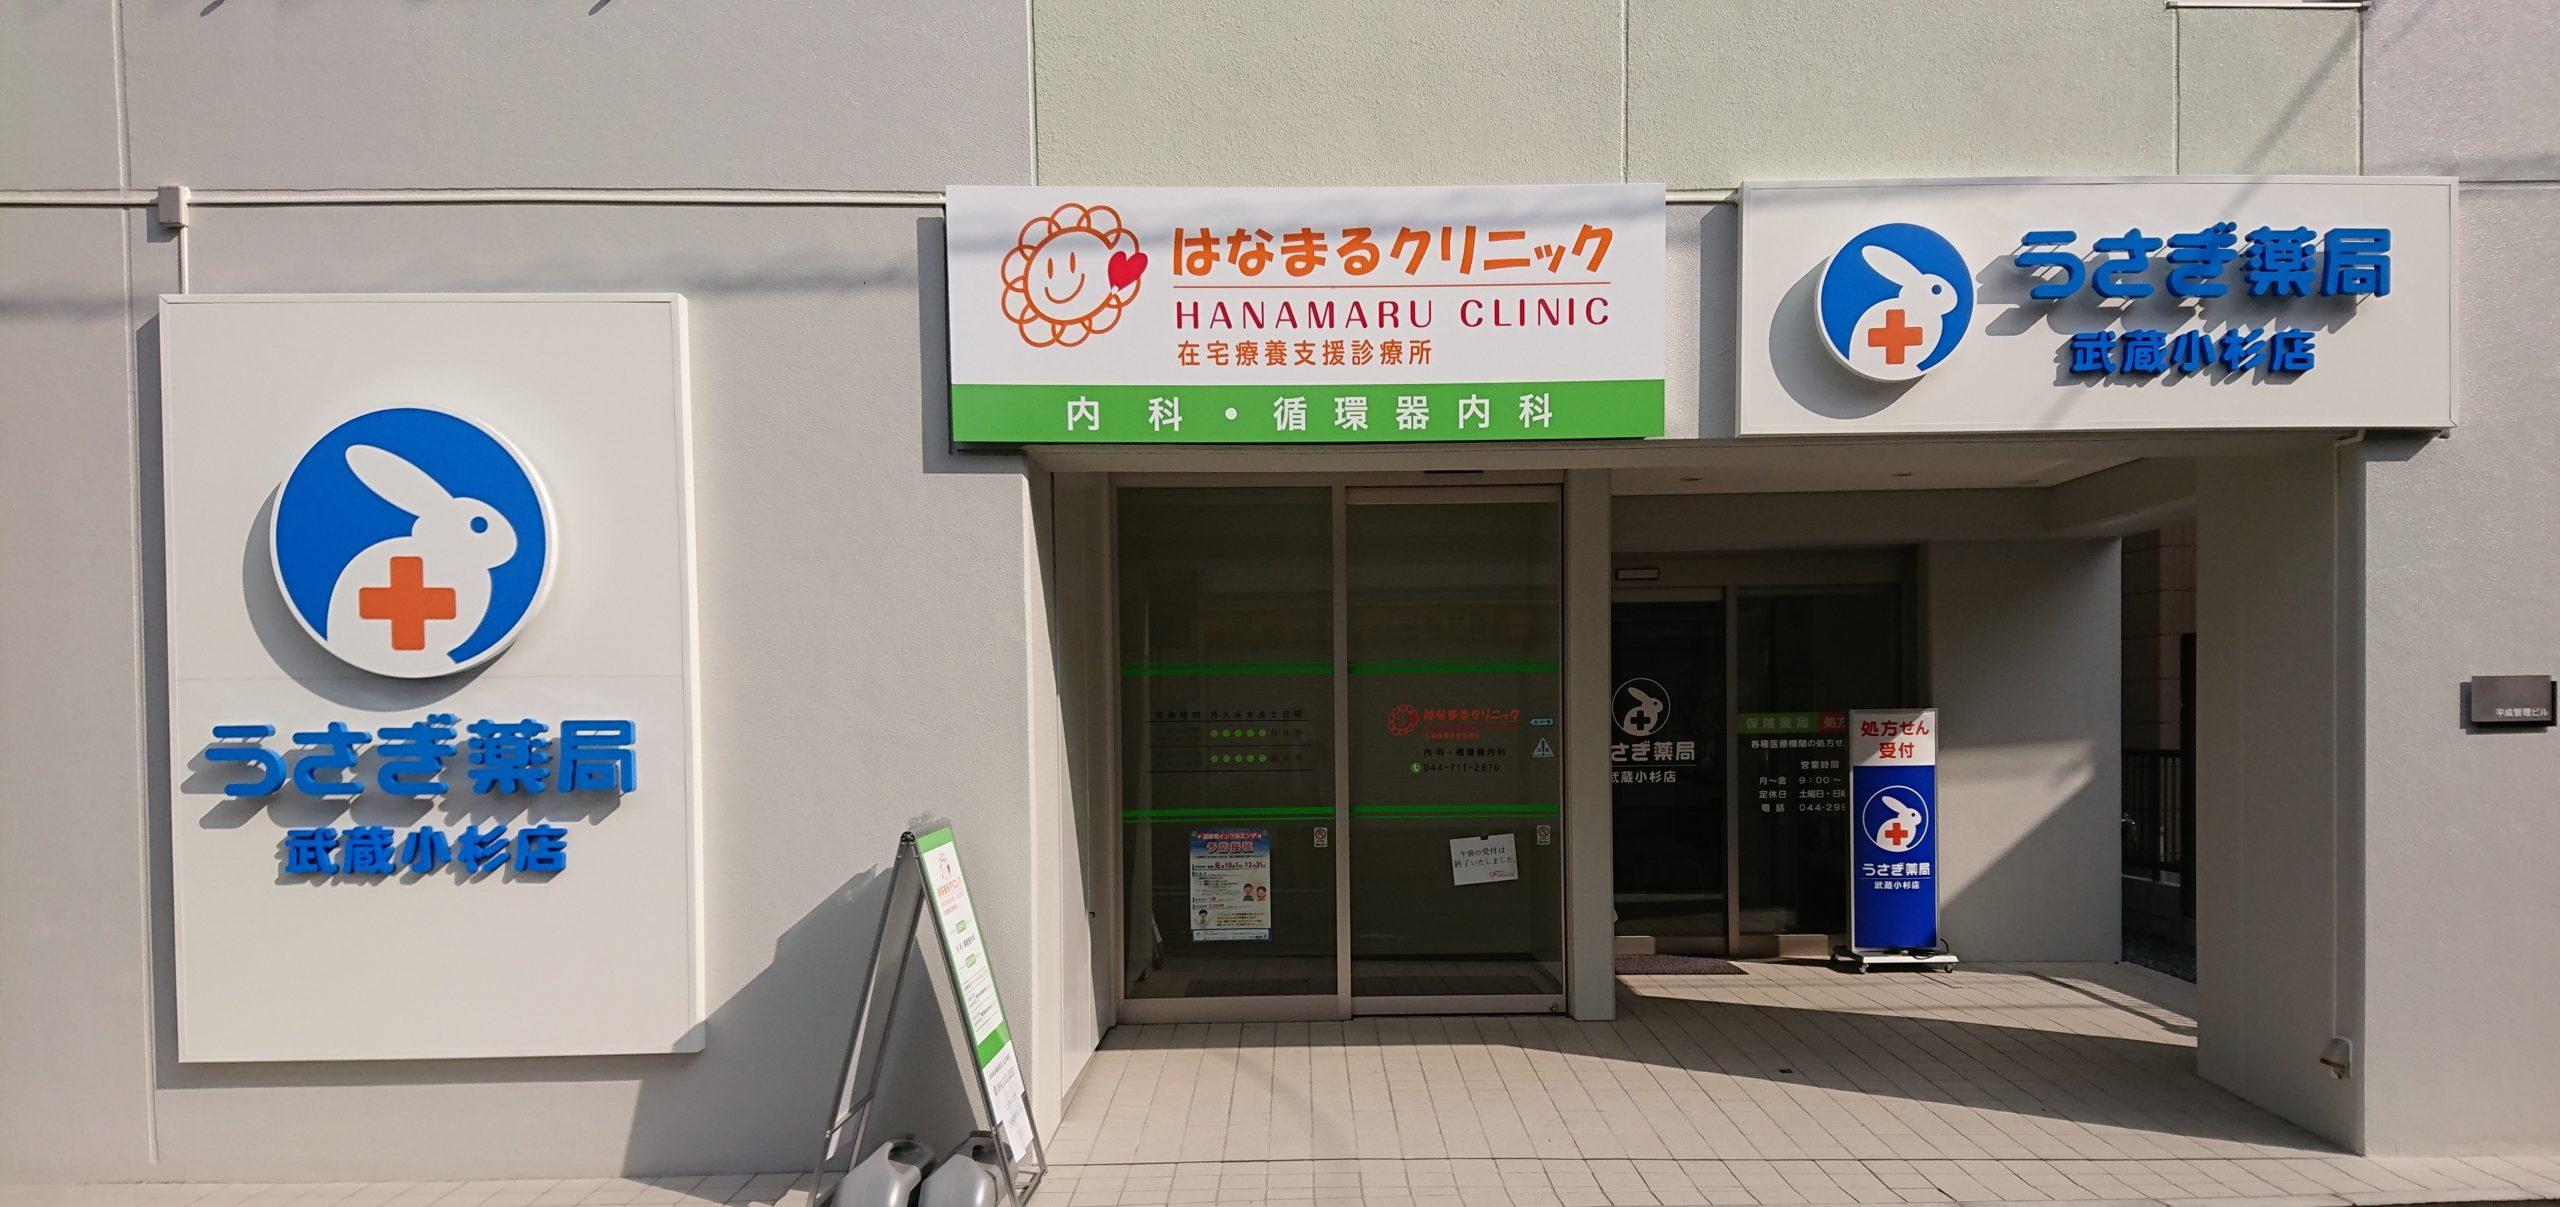 ☆うさぎ薬局武蔵小杉店オープンのお知らせ☆